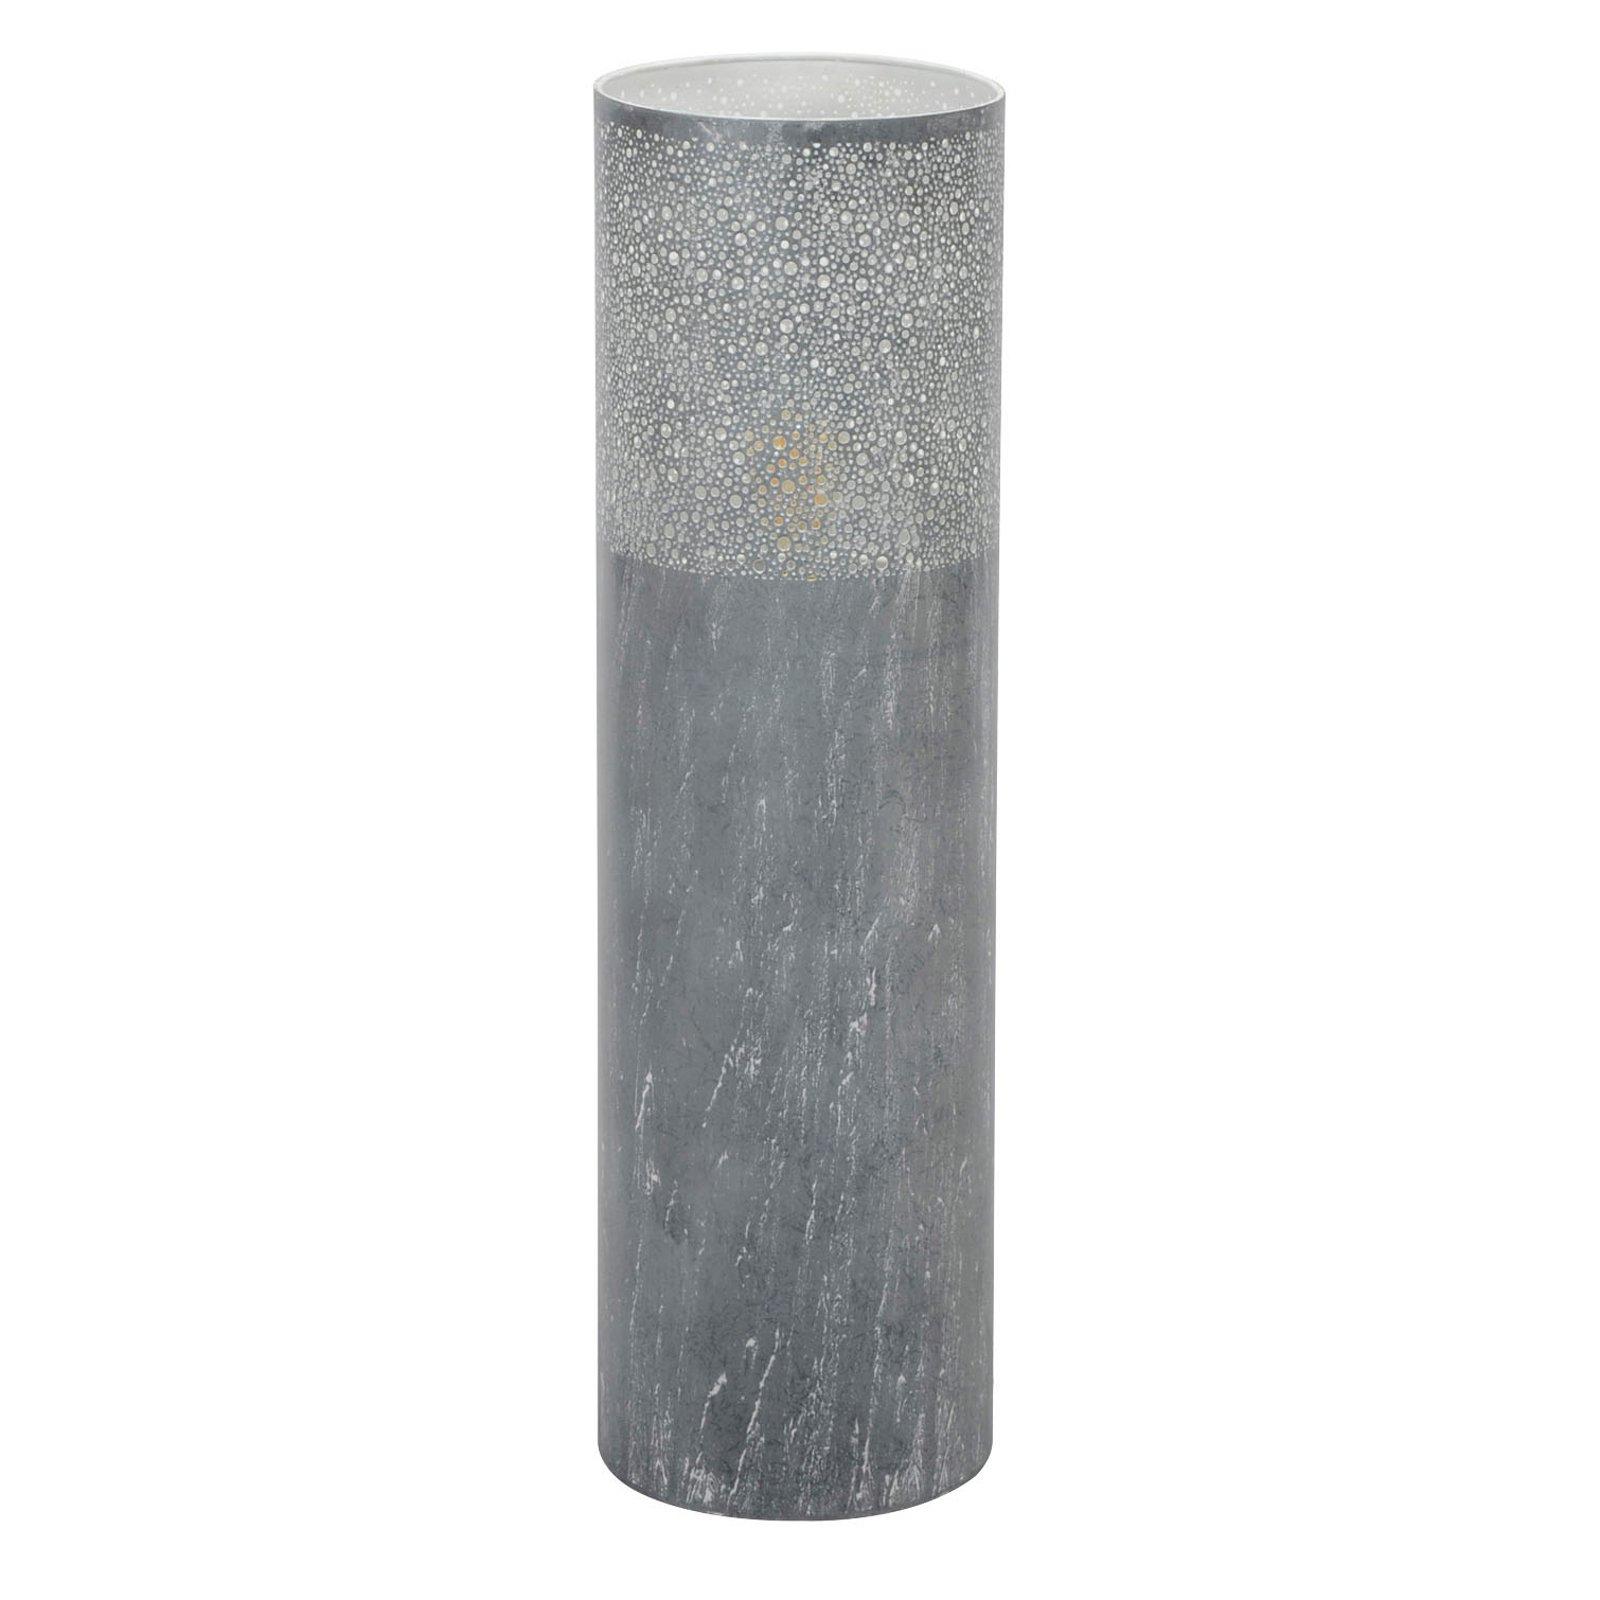 Gulvlampe Holinder, høyde 90 cm